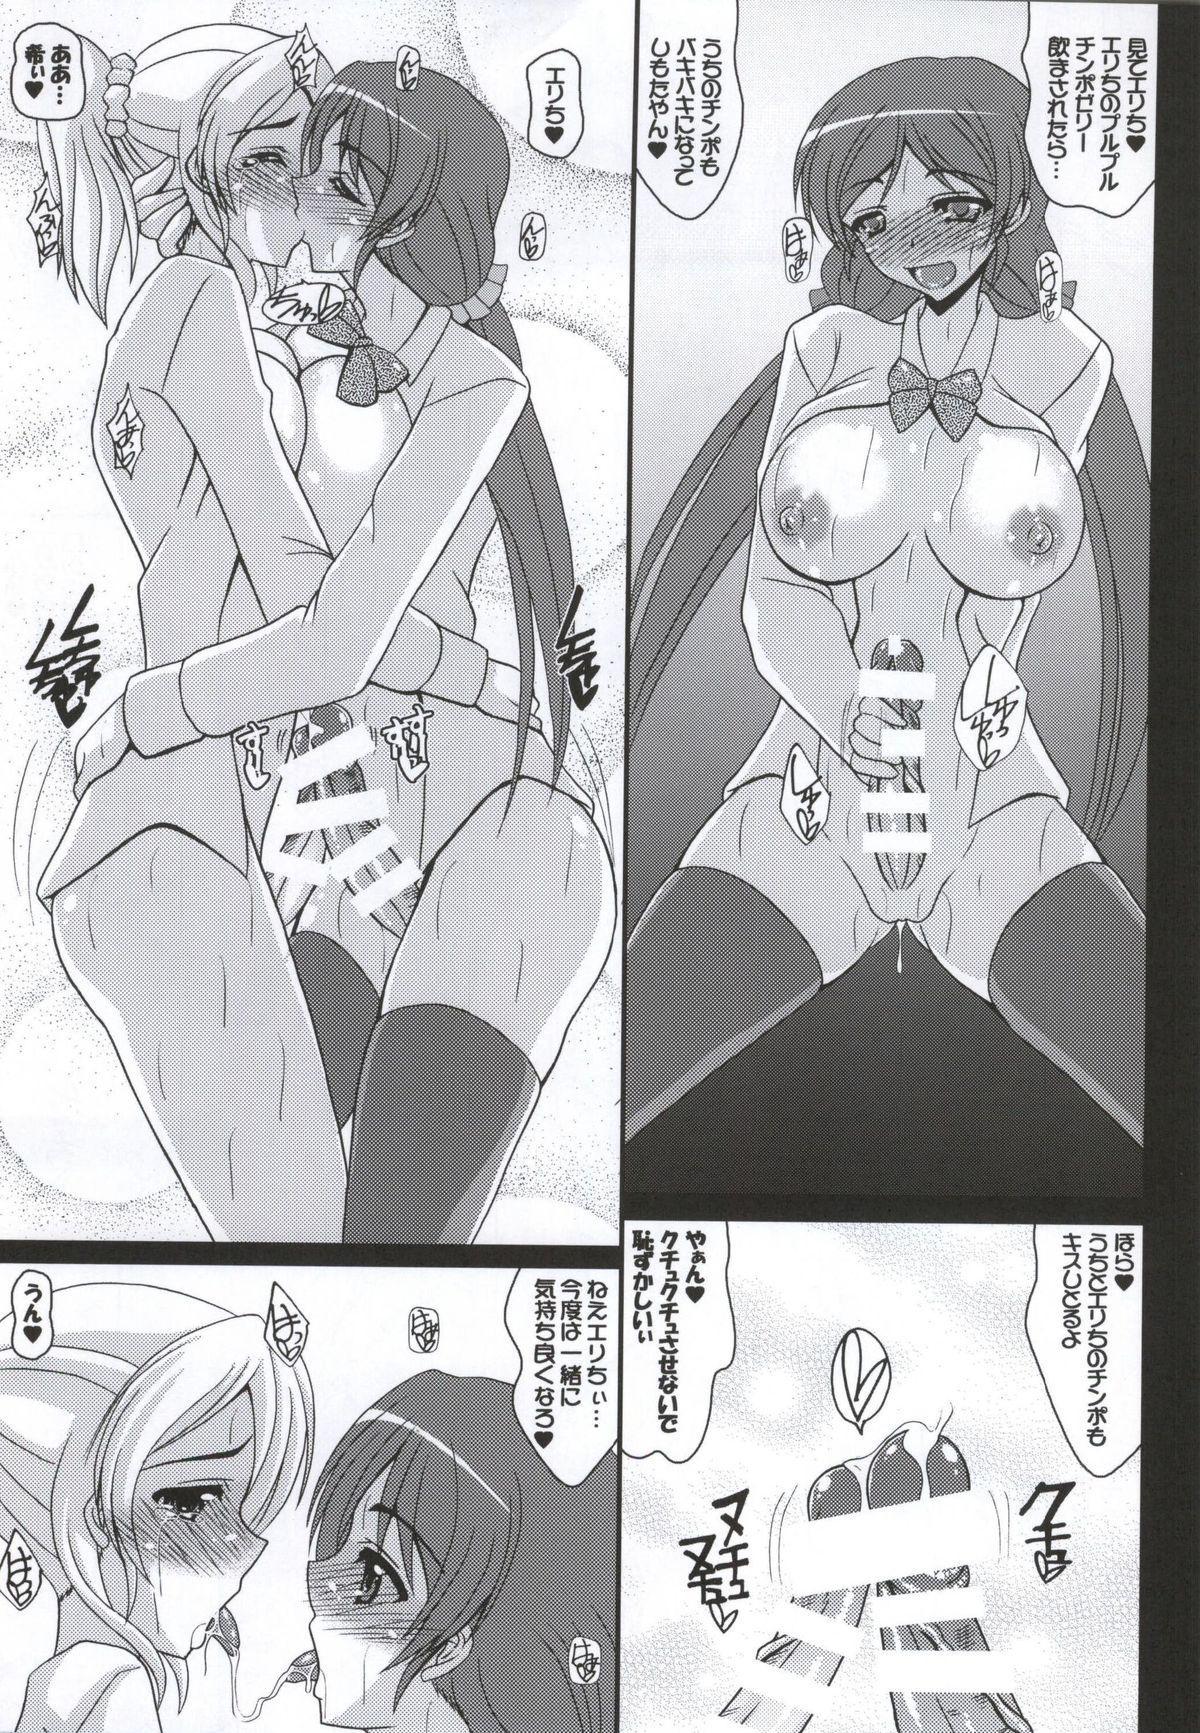 Erichi no Shasei Kanri wa Uchi no Shigoto yane! 5